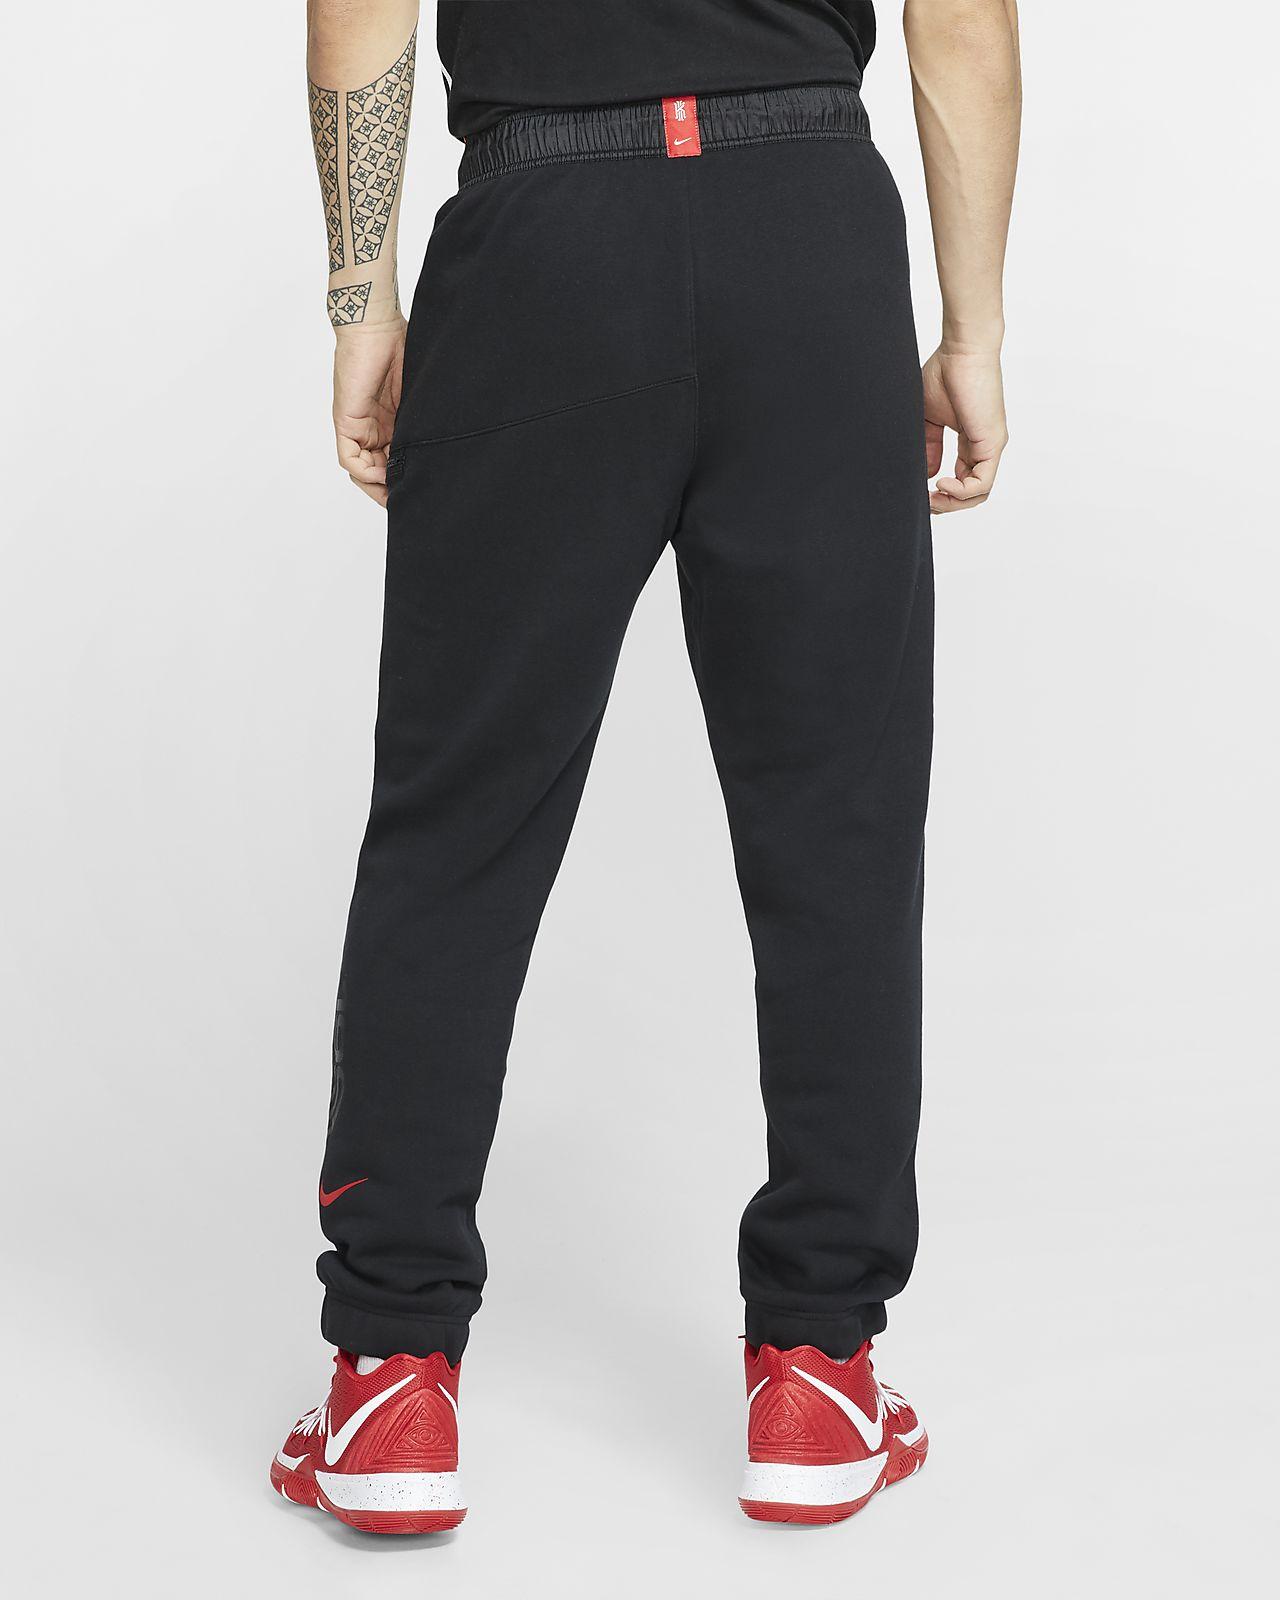 Kyrie Fleece Basketballhose für Herren